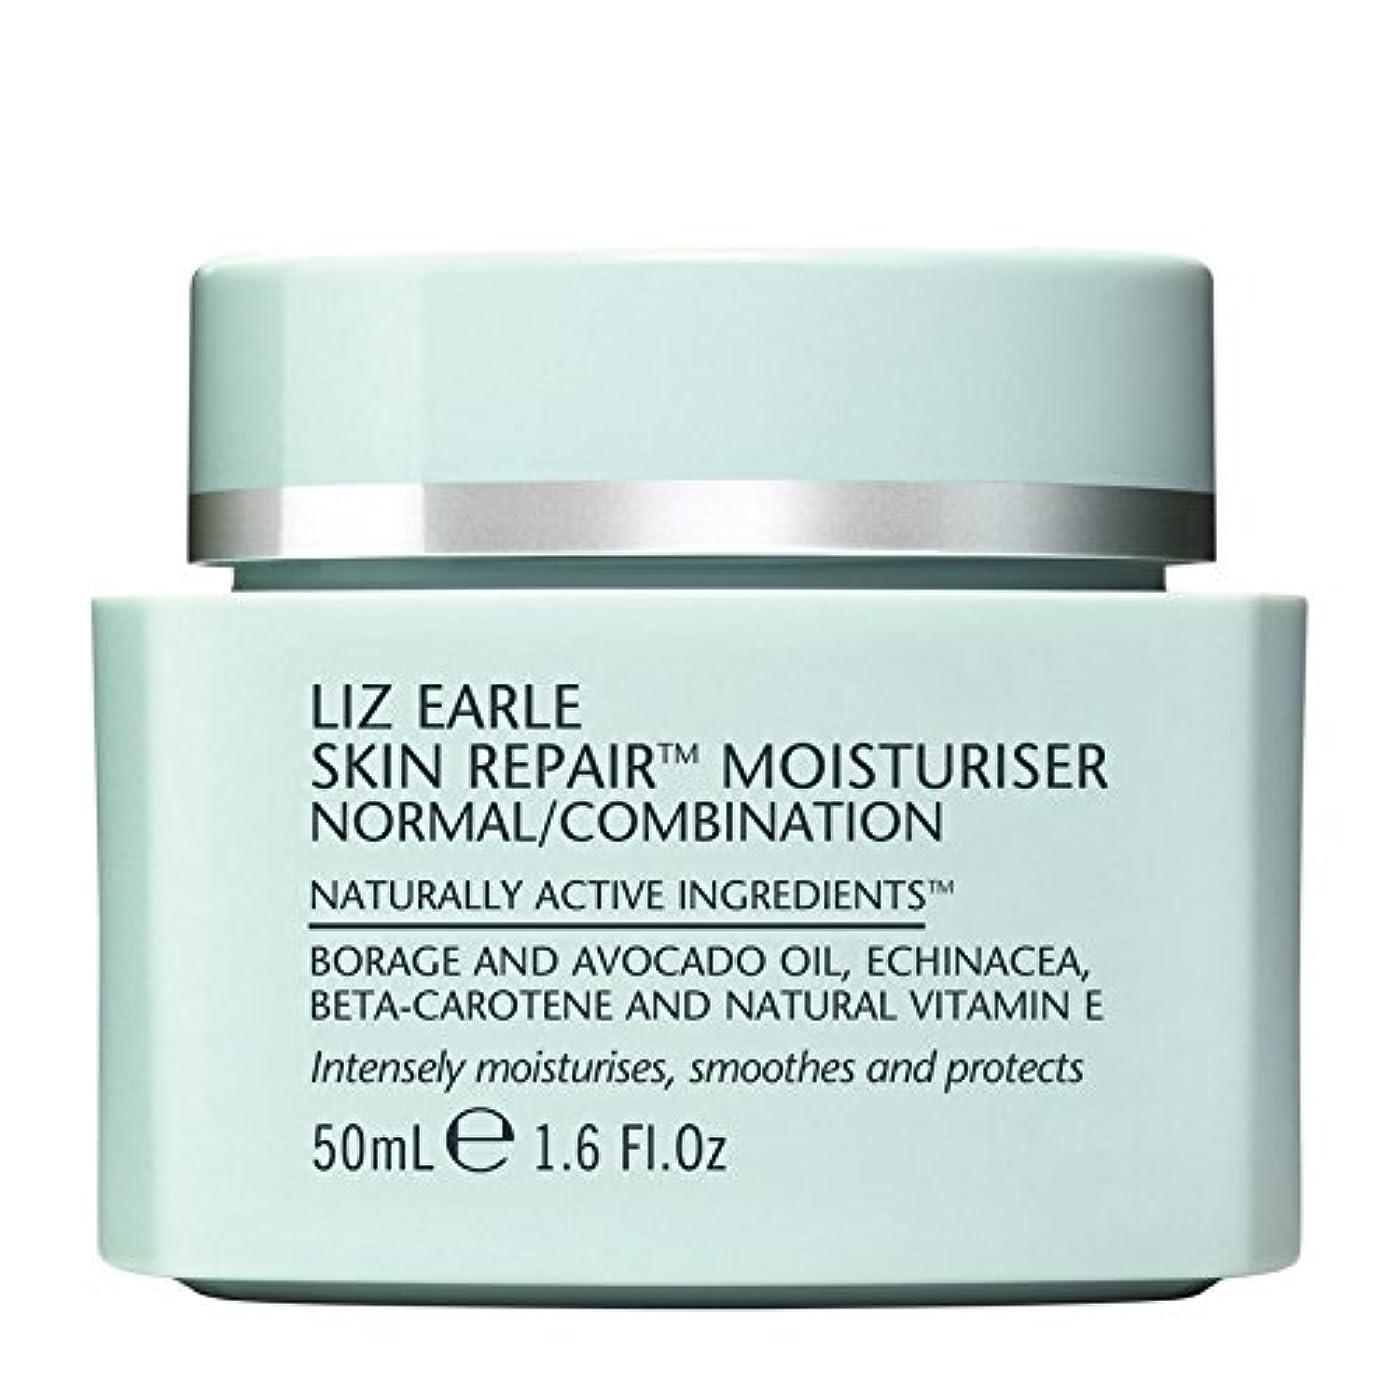 ベンチャー爆発する音リズアールスキンリペアモイスチャライザーノーマル/コンビネーション50ミリリットル x2 - Liz Earle Skin Repair Moisturiser Normal/Combination 50ml (Pack...